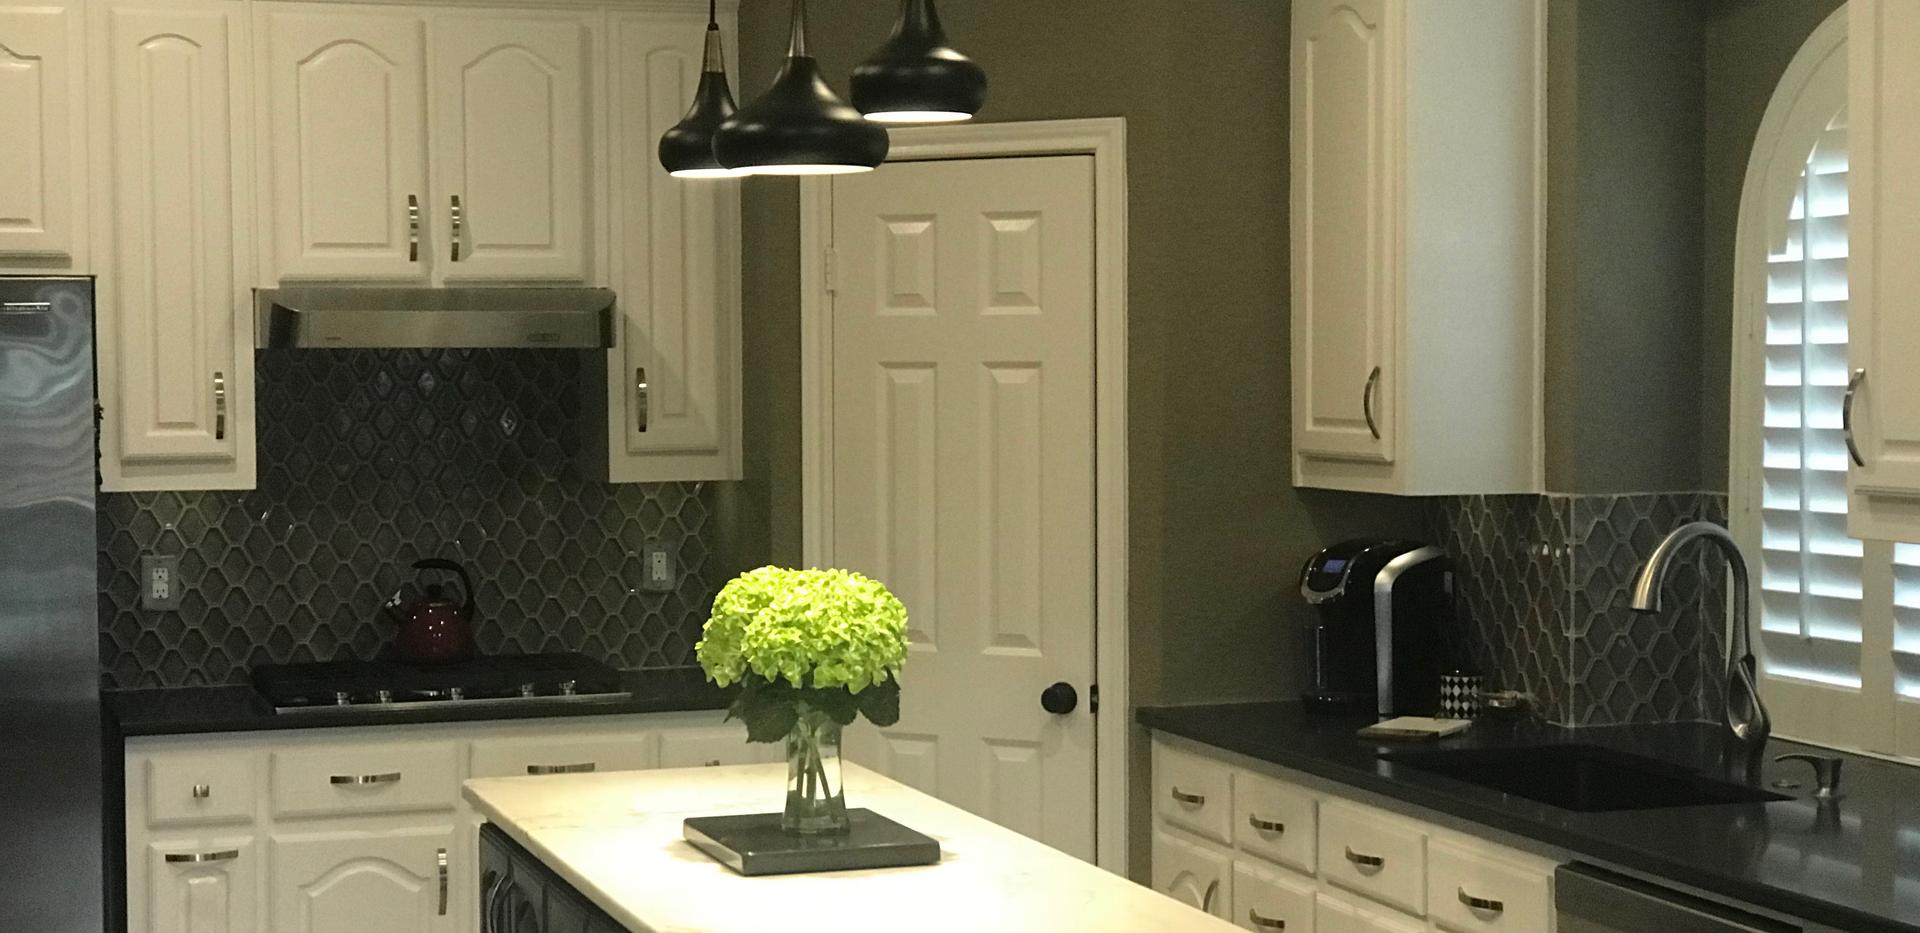 Black and white quartz kitchen.png